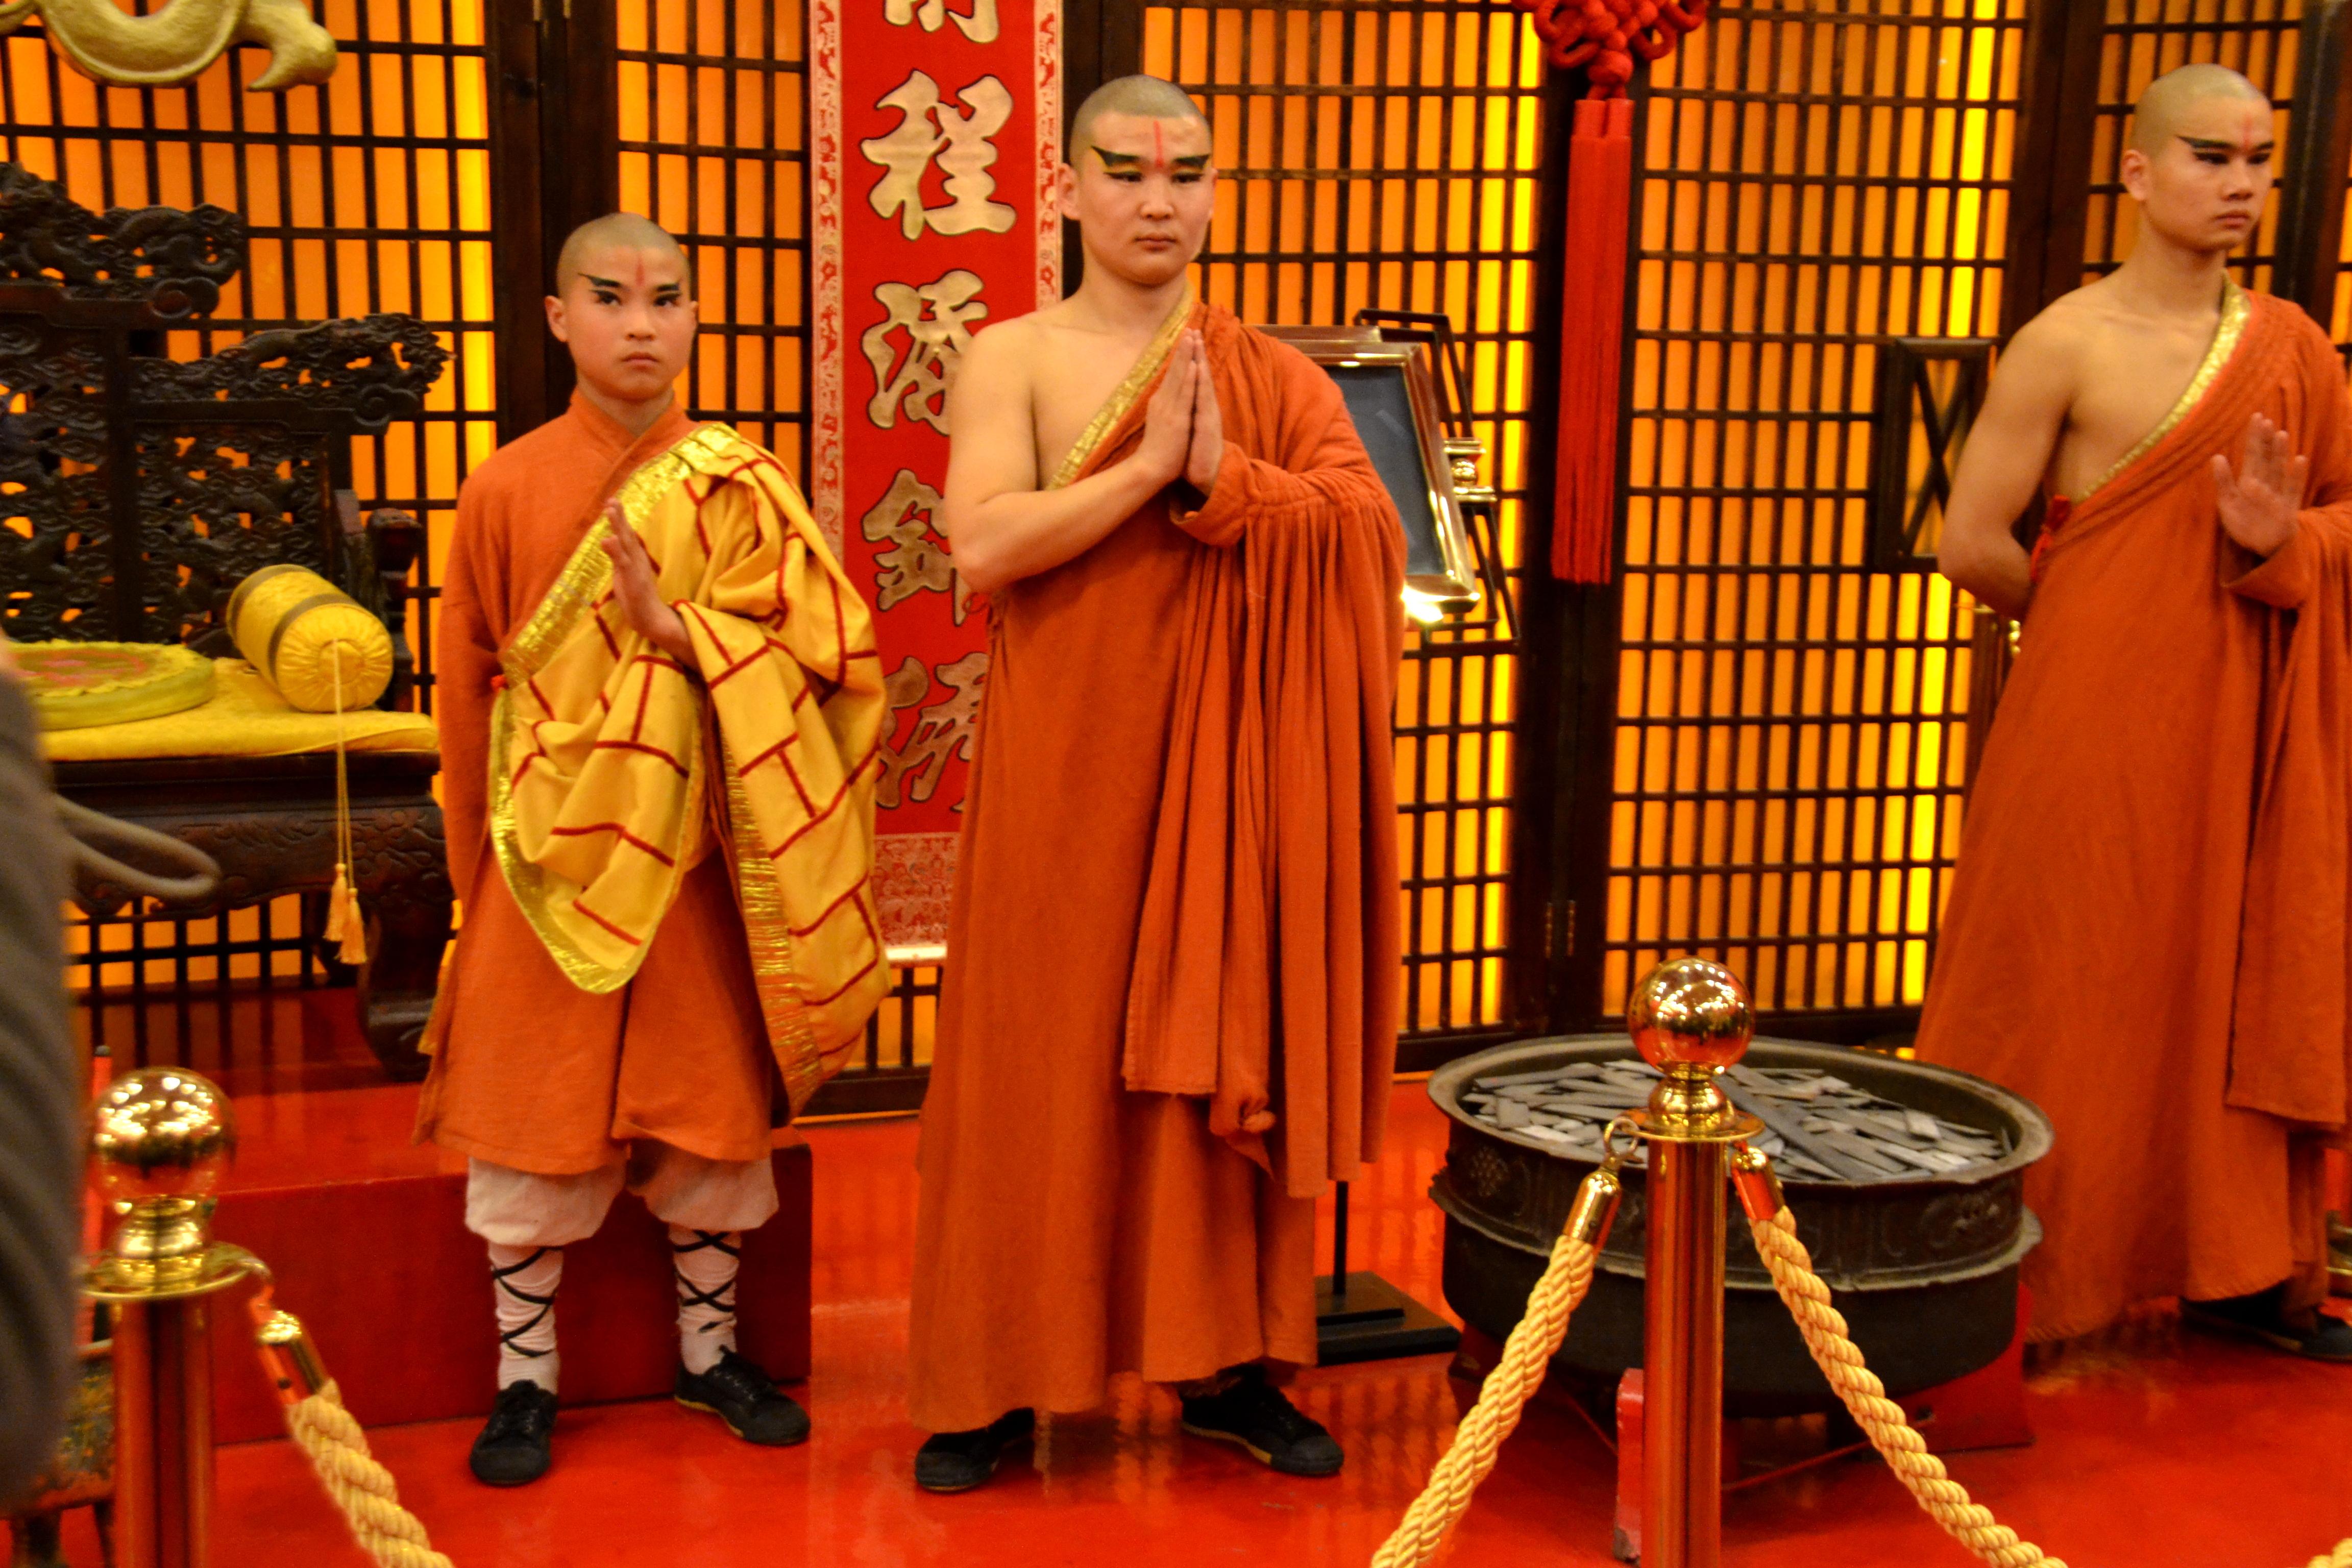 Chinese munks